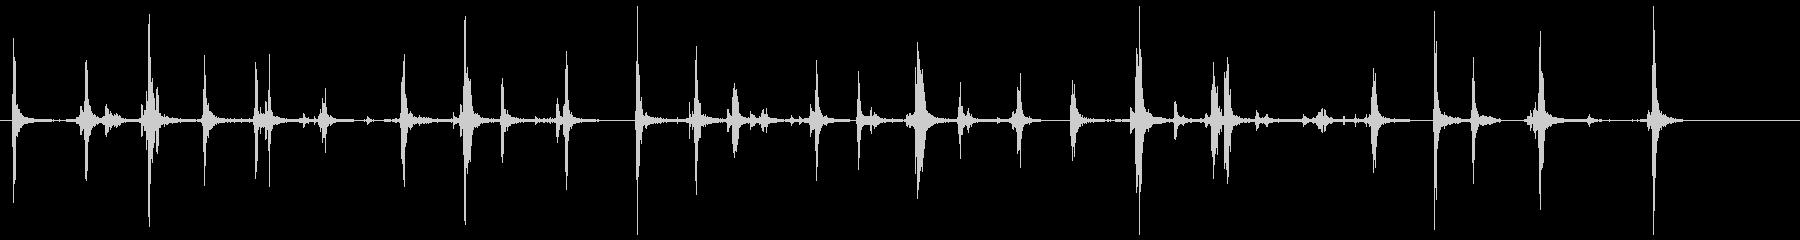 キーボード 長め(ワープロ) カタタタッの未再生の波形